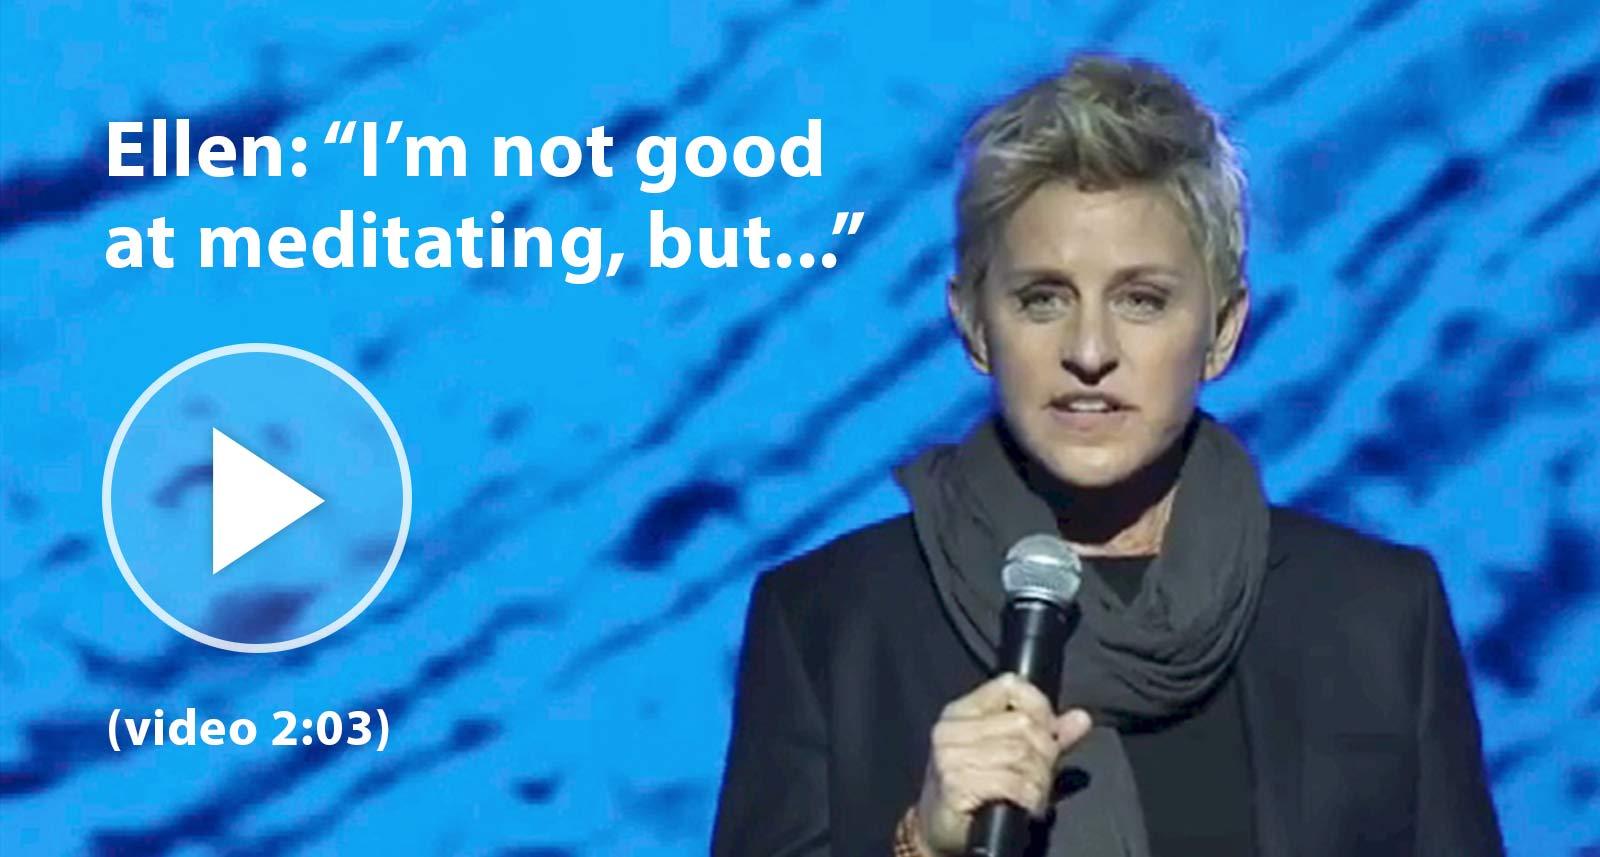 Ellen Degeneres - I'm not good at meditating, but...